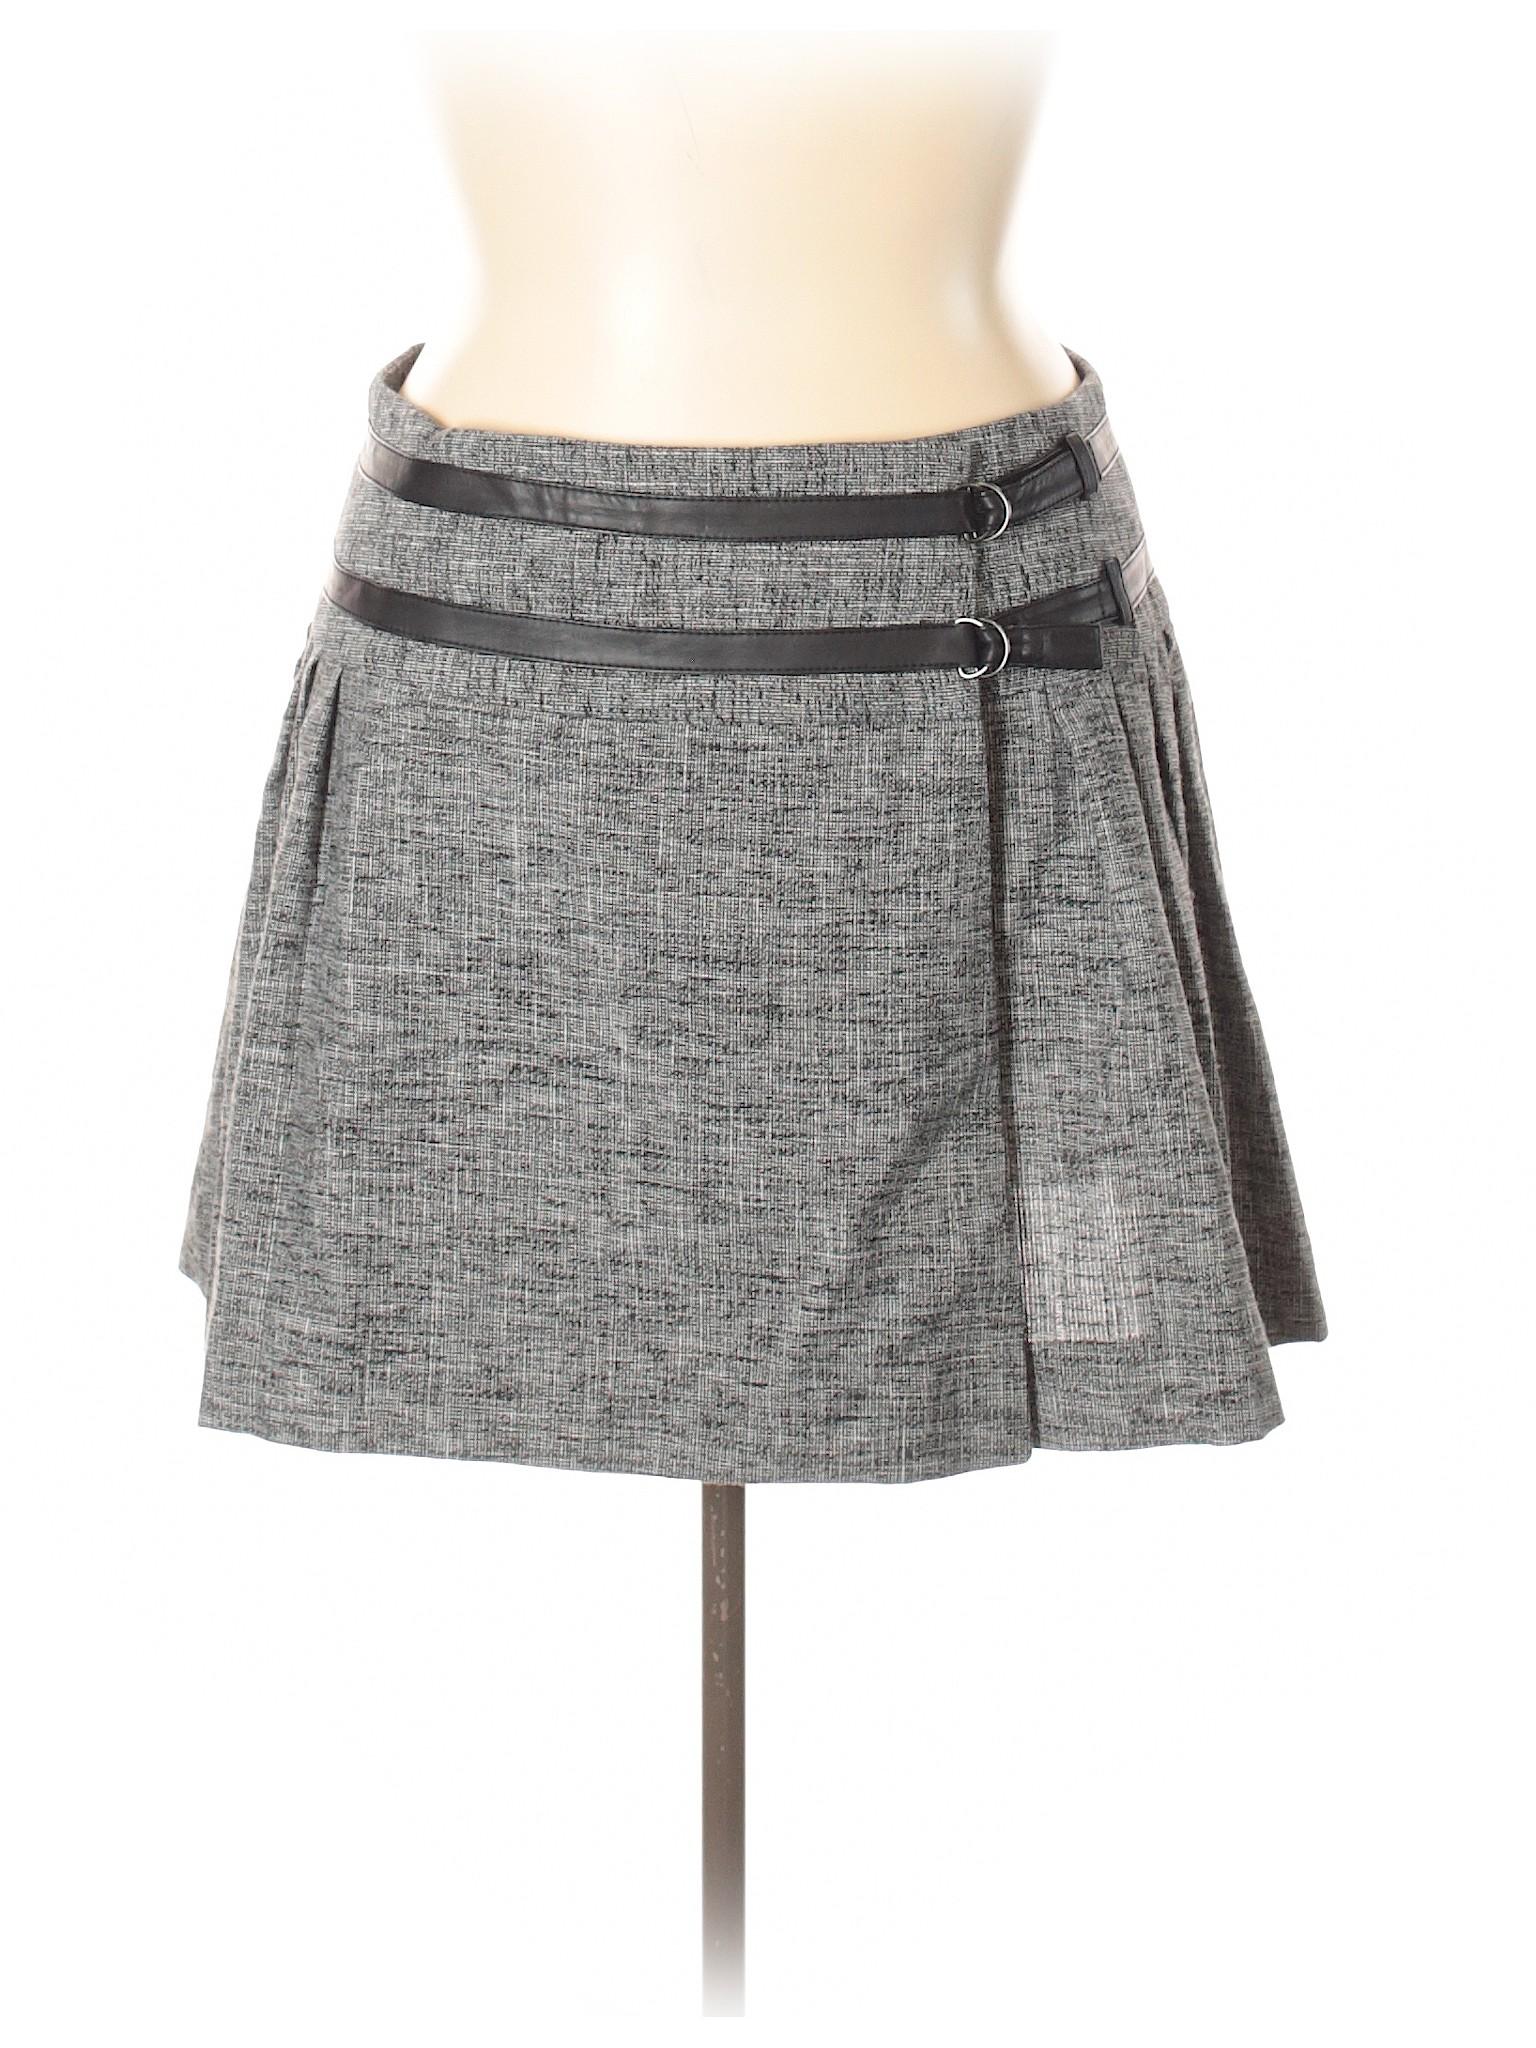 Boutique Boutique Casual Boutique Boutique Boutique Casual Skirt Skirt Casual Casual Skirt Skirt OYqnC